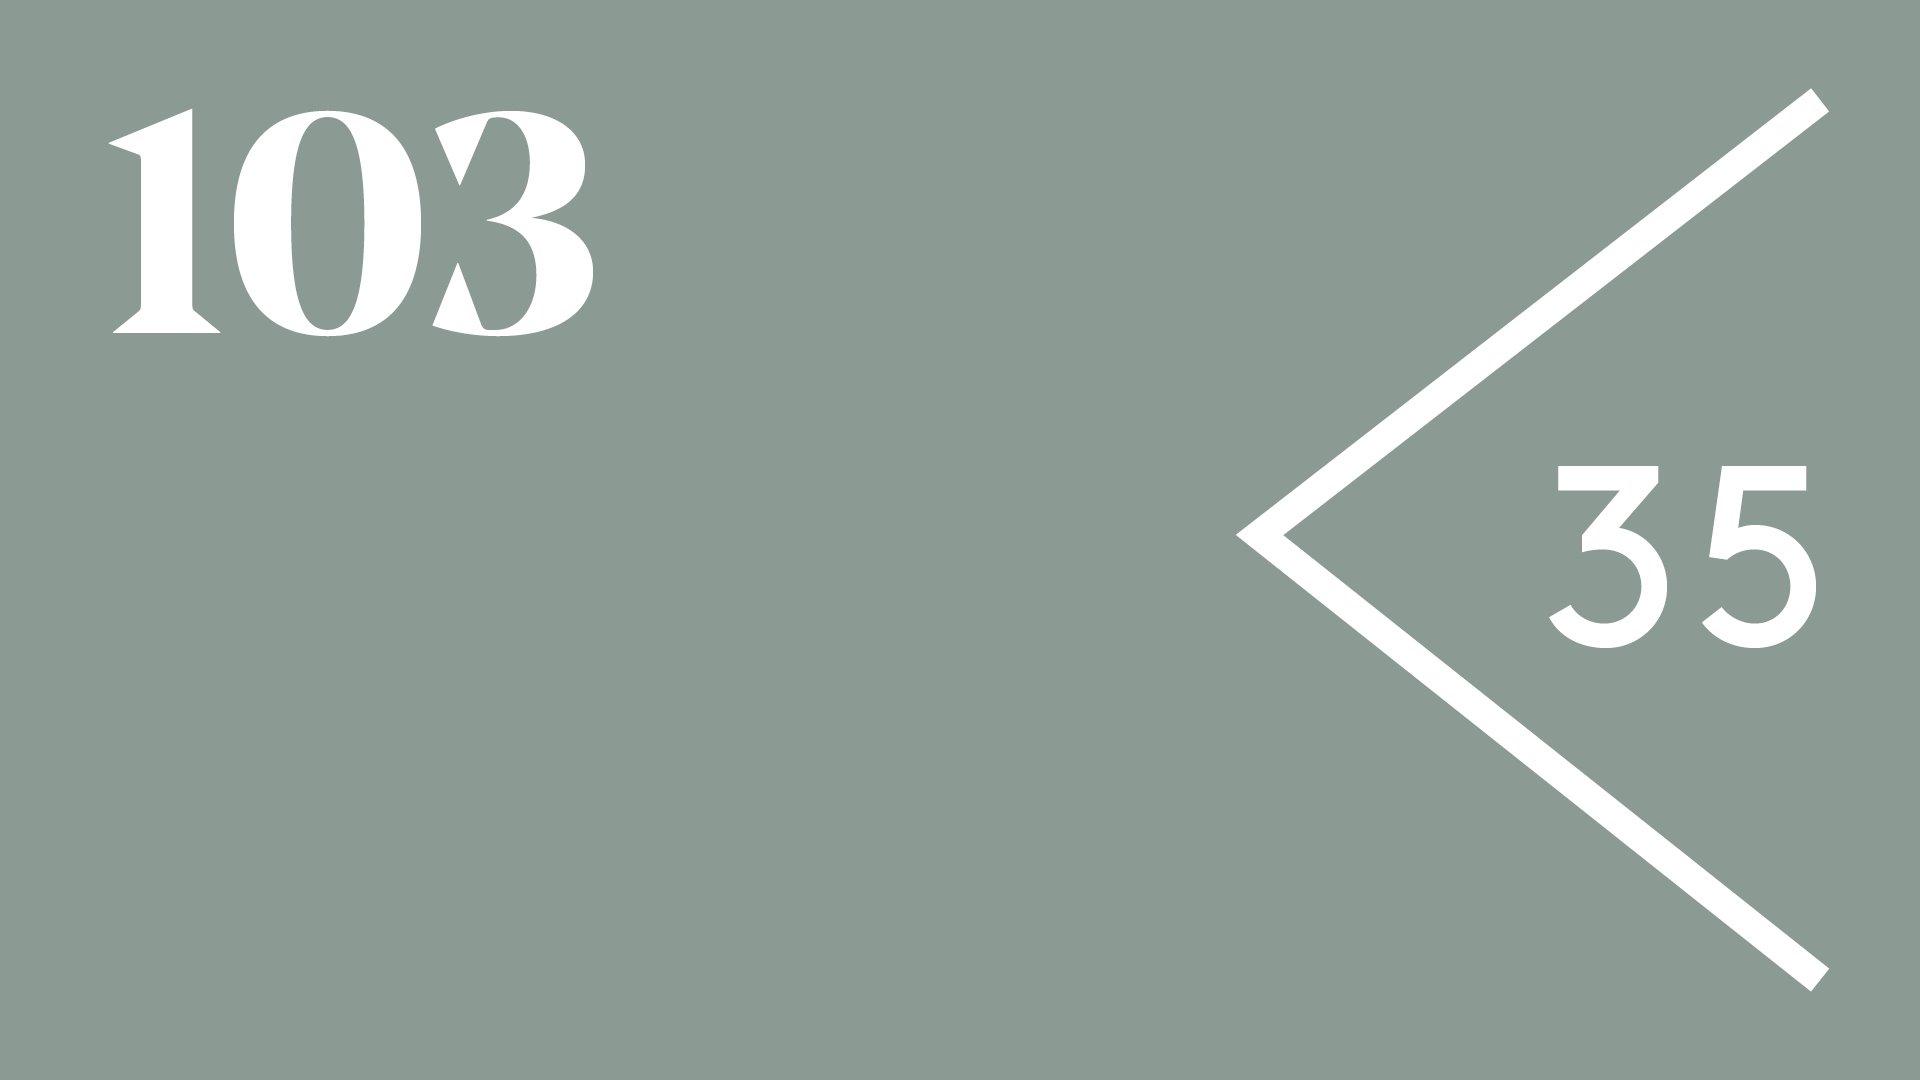 Aula de (Re)estrenos (103). Compositores Sub-35 (VI)